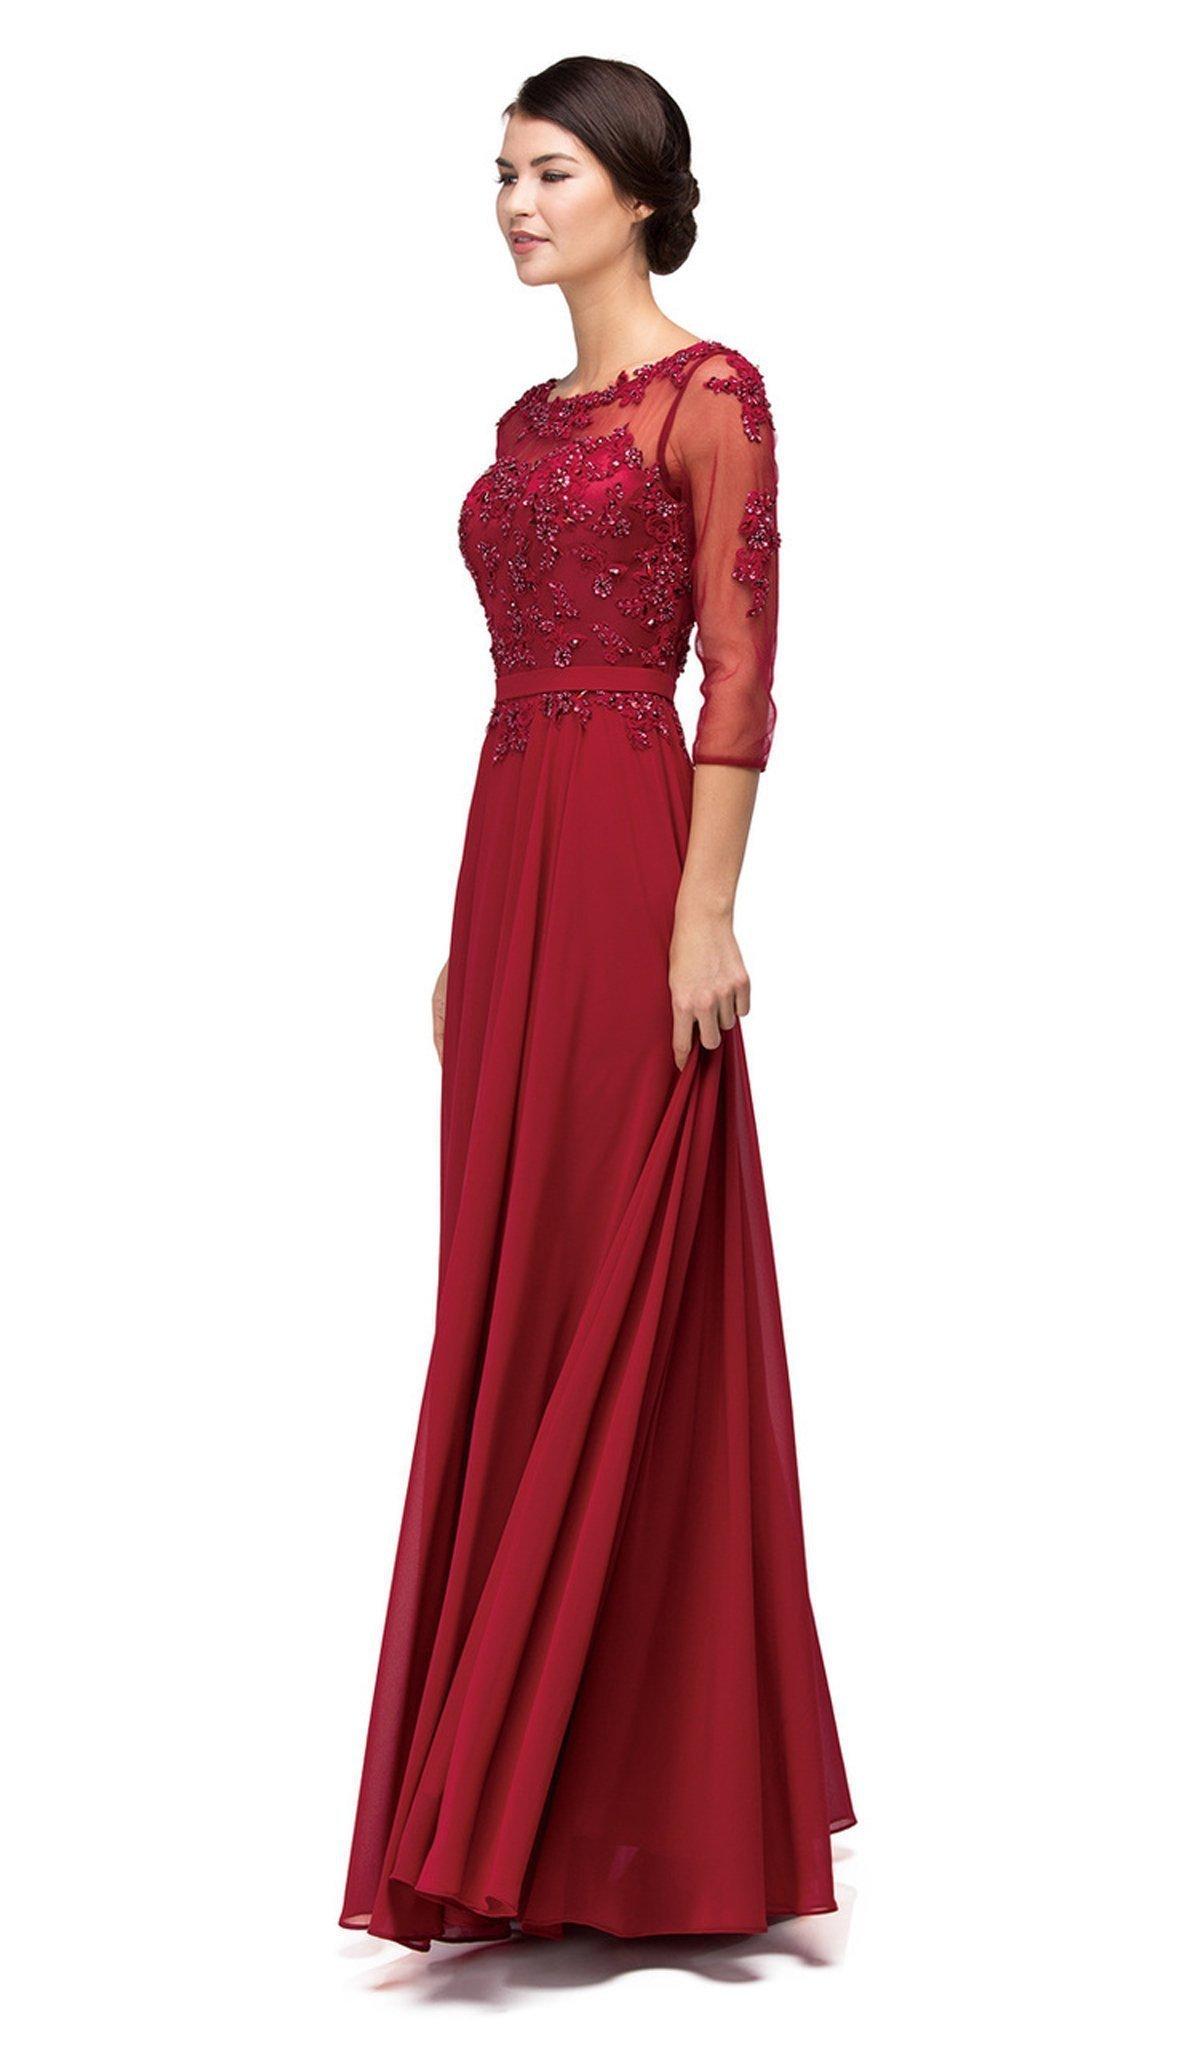 Dancing Queen - 9473X Lace Applique Illusion Bateau Prom Dress